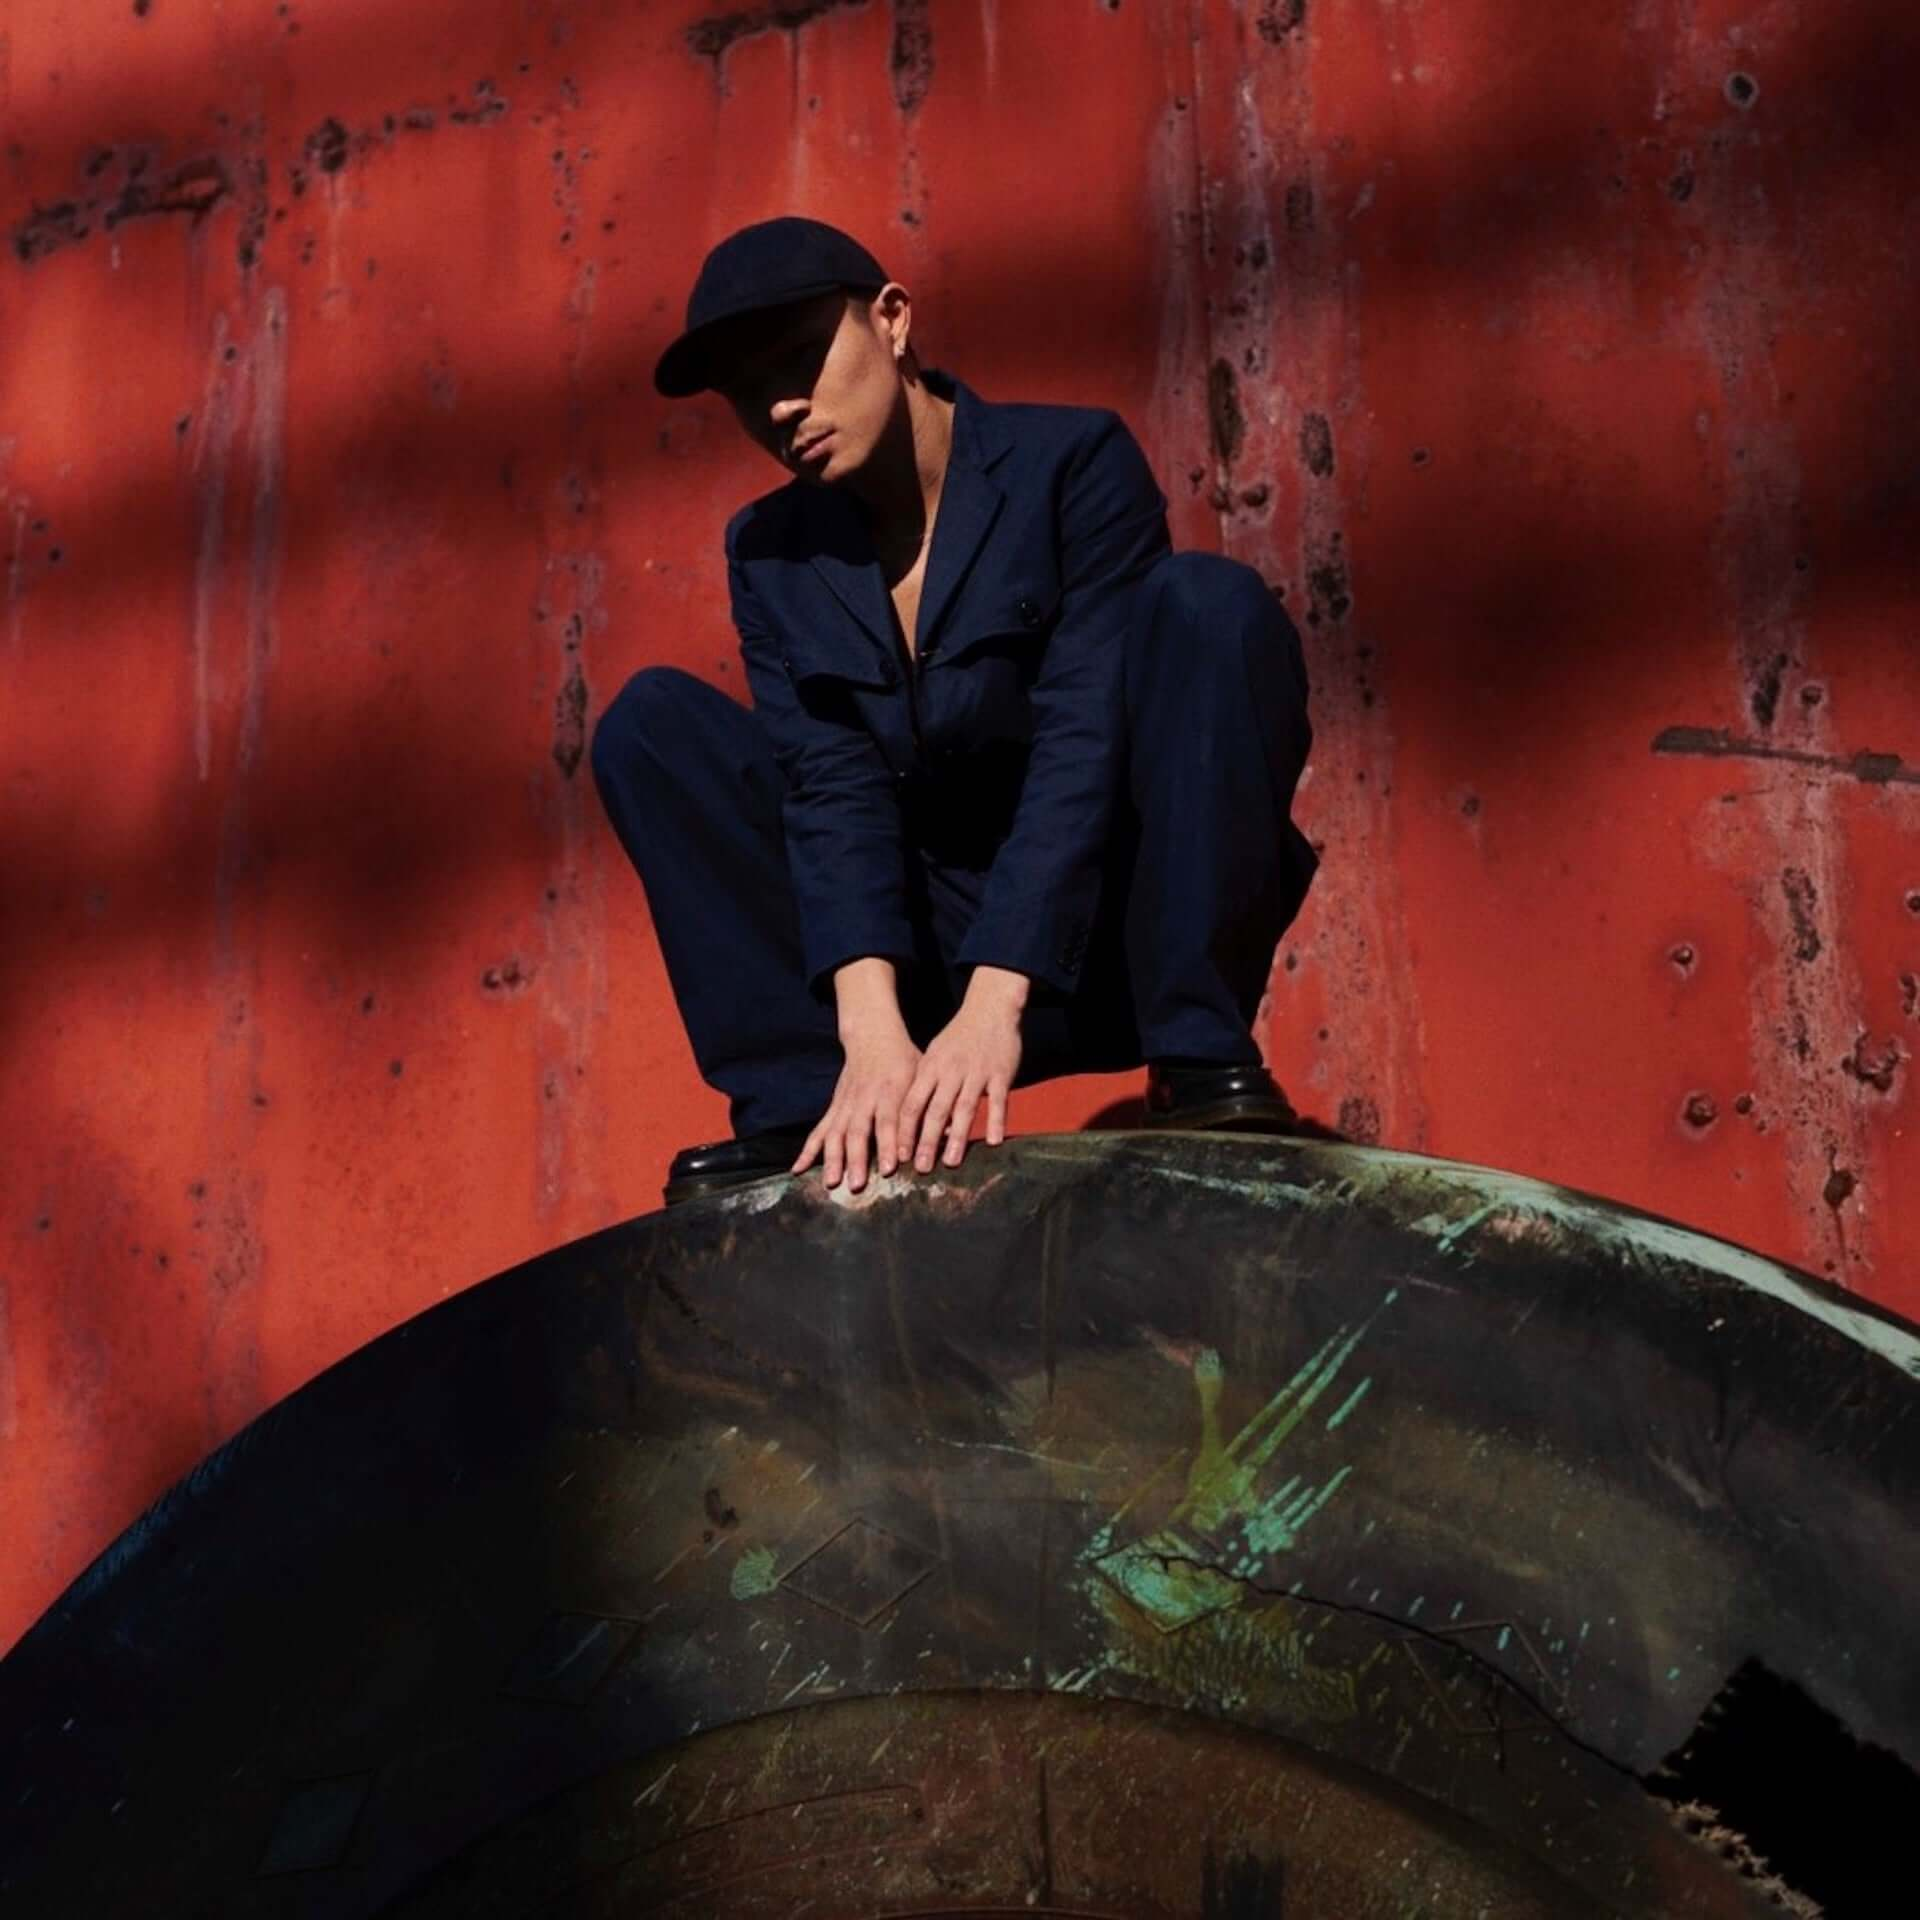 """大比良瑞希がZINを迎えたファンクチューン""""ダージリン""""をリリース!AWAの新機能「LOUNGE」にて記念イベントが今夜開催 music210303_ohiramizuki_4-1920x1920"""